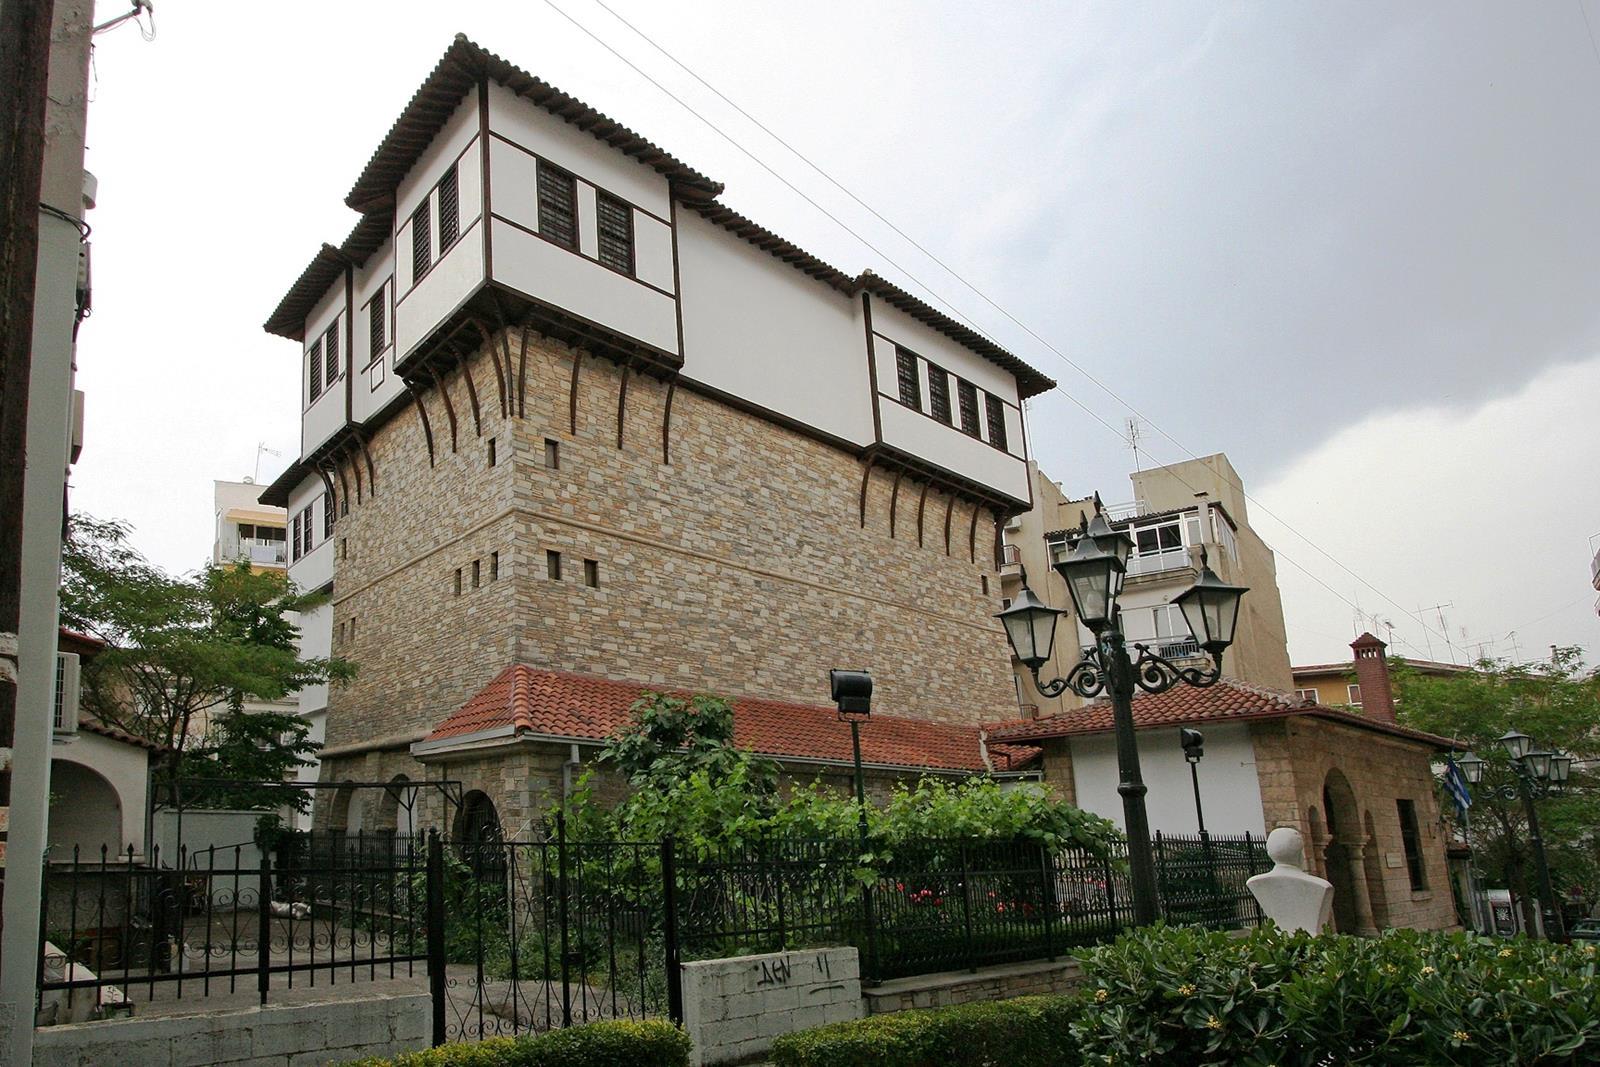 πολυτελη διαμονη στη Κοζάνη - Anesis Hotel